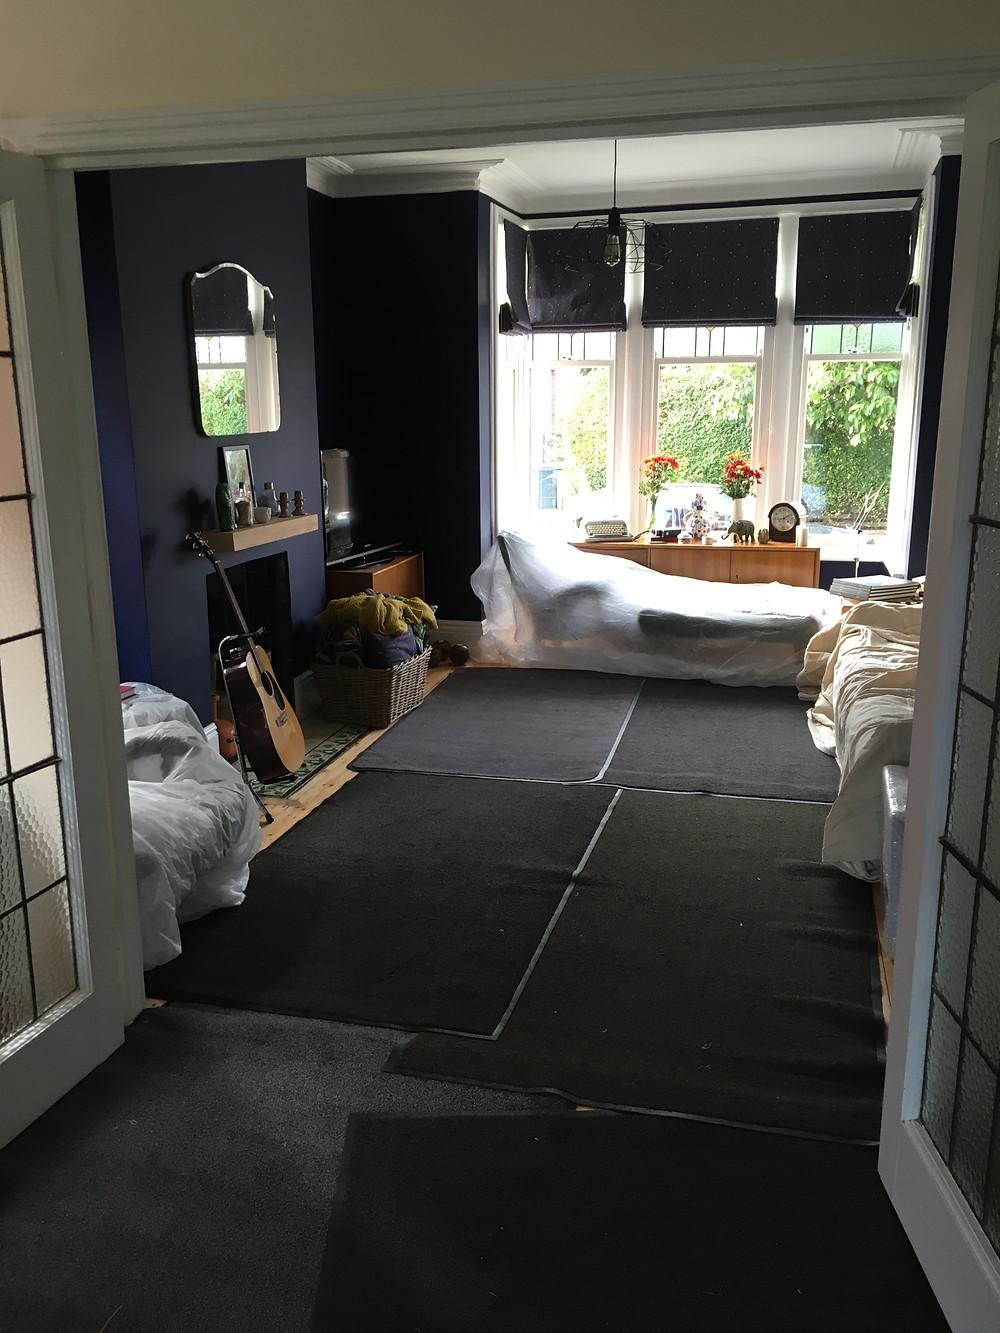 Living Space Redesign - Fresh Start Living